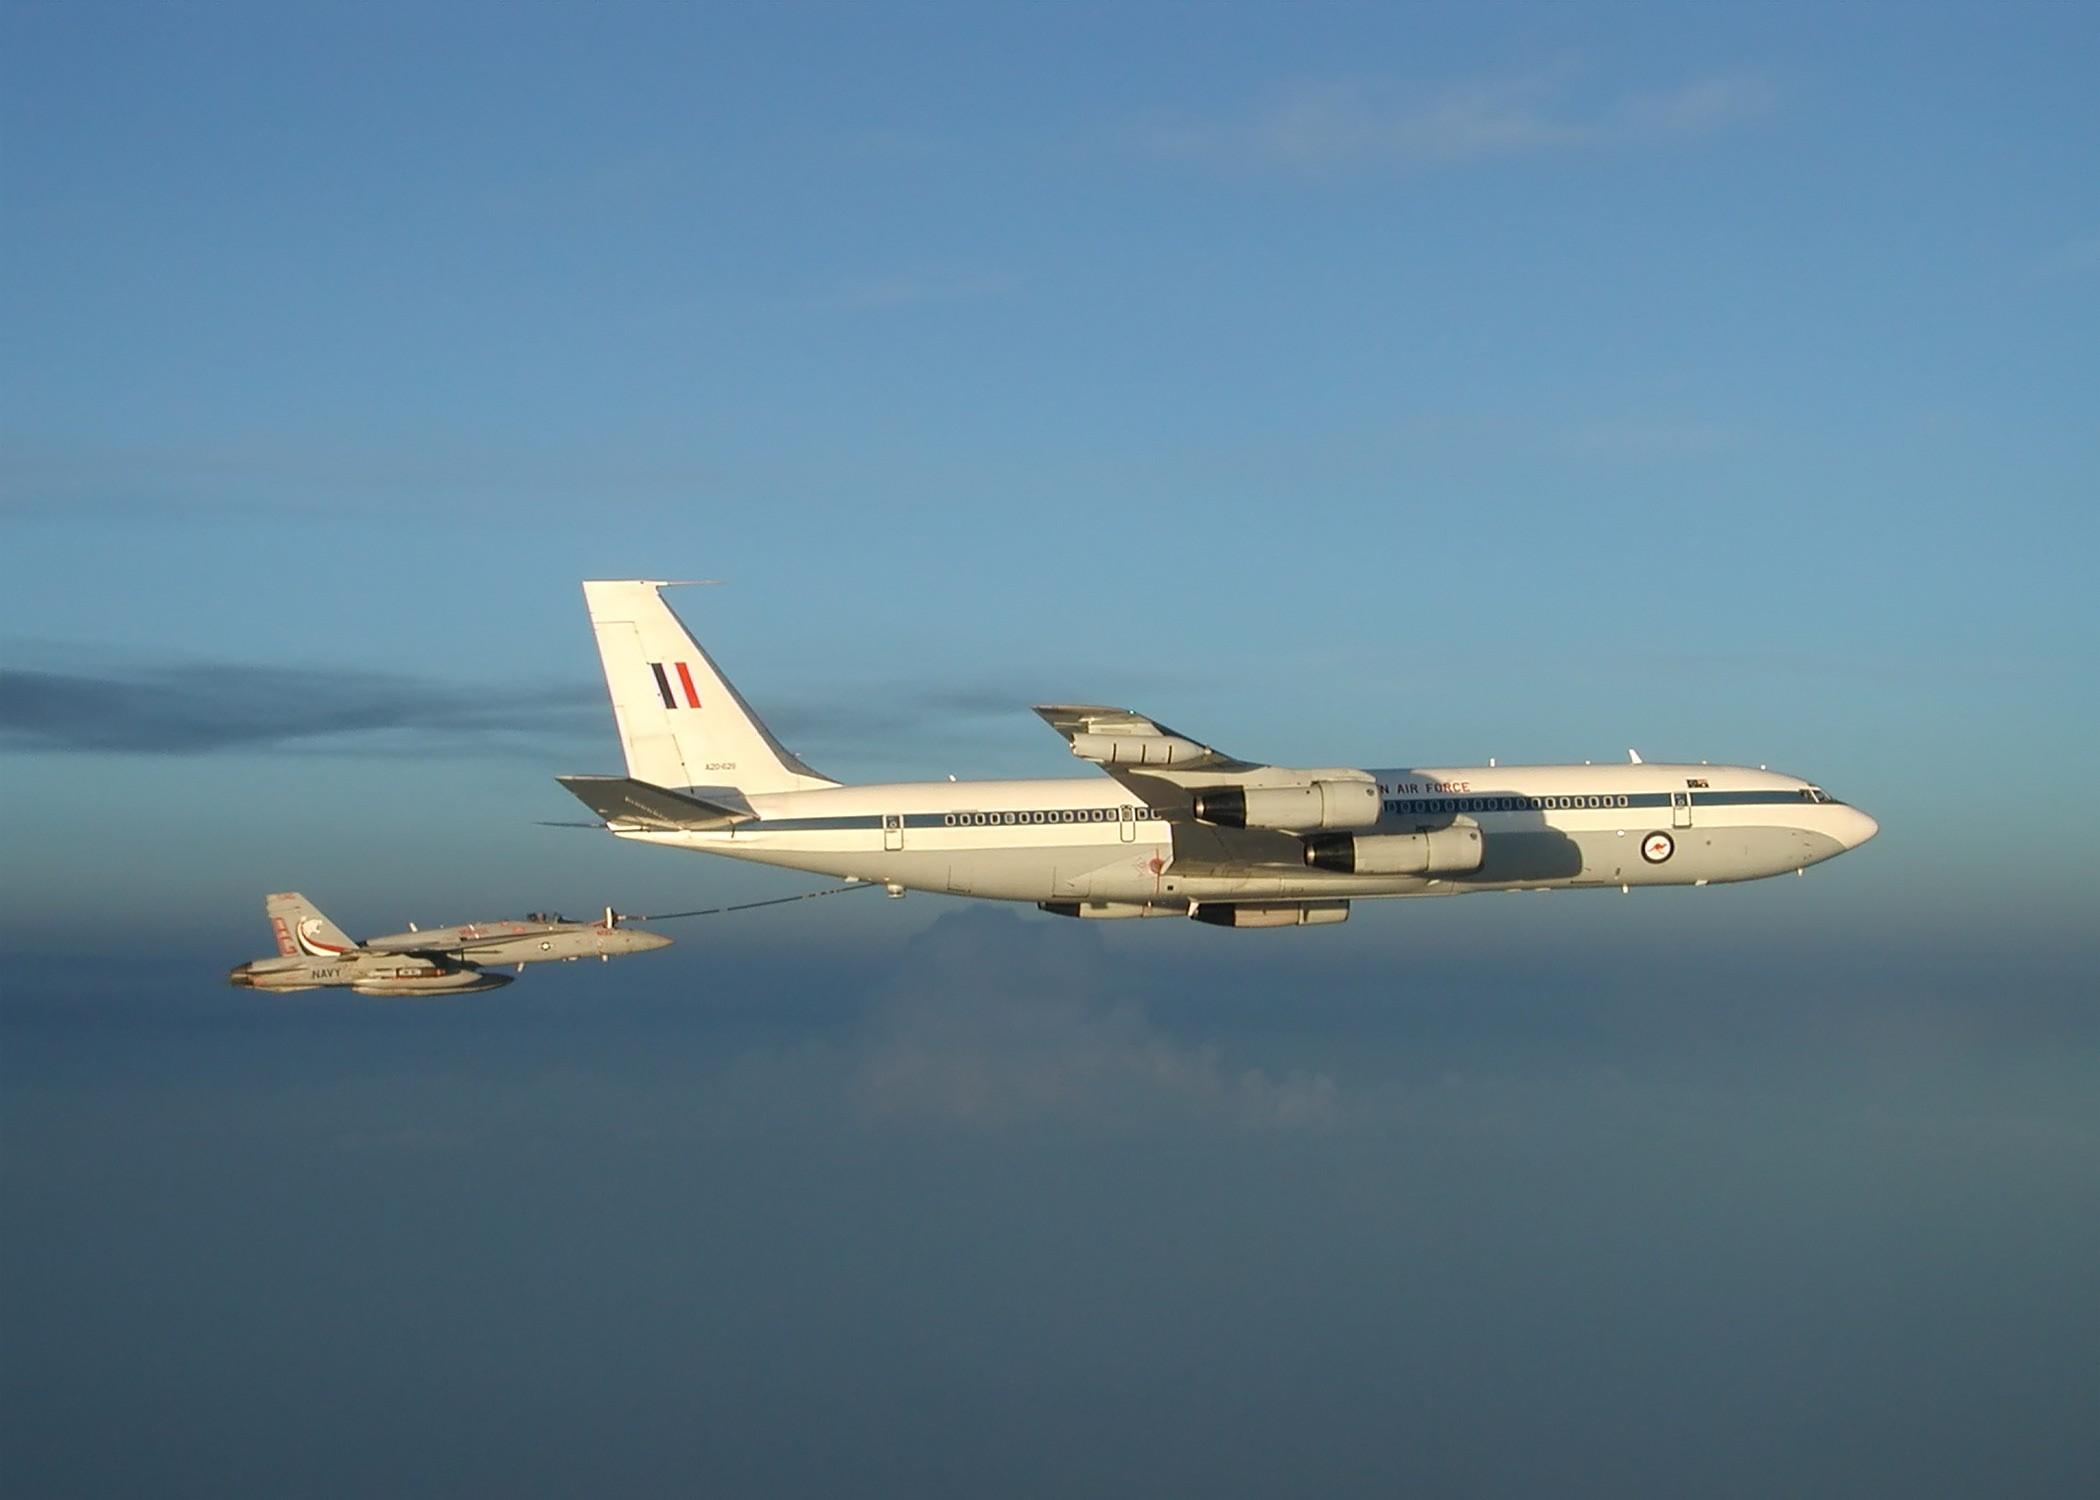 air force 1 mid air refuel nz